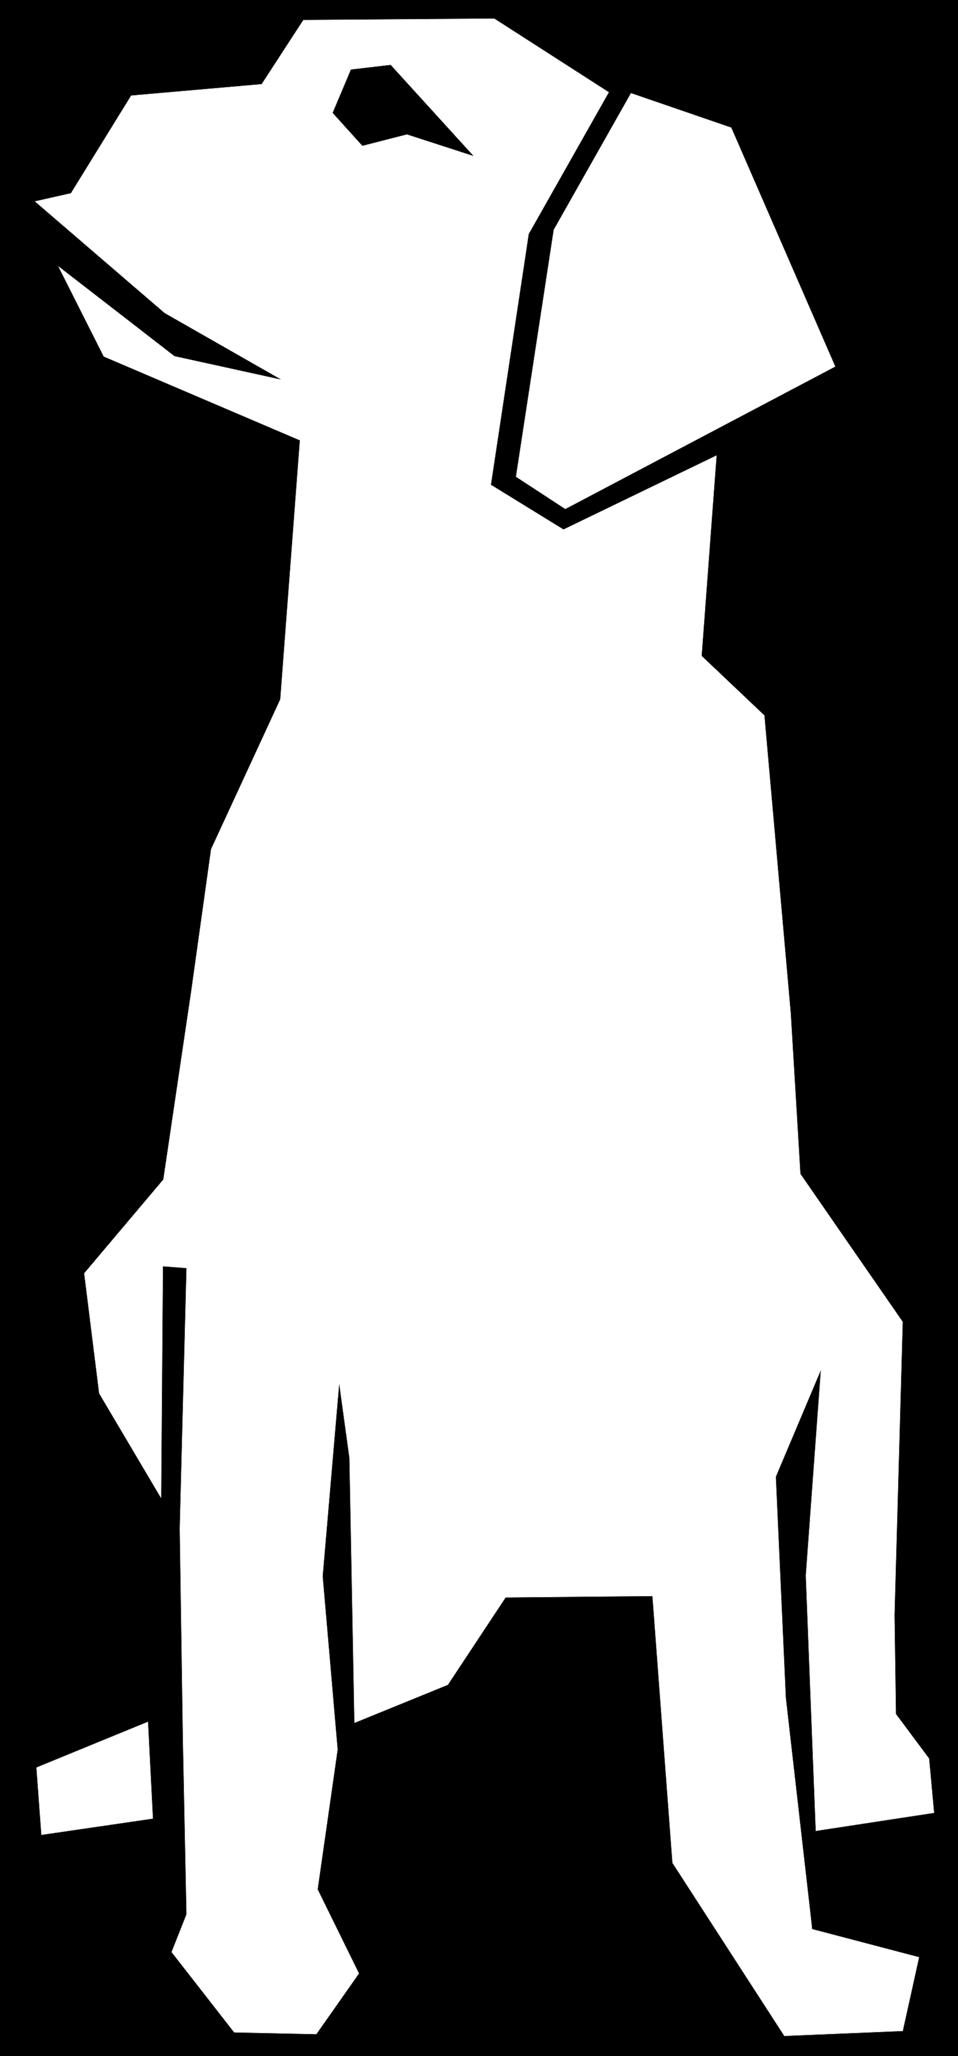 Public domain clip art. Clipart dog simple